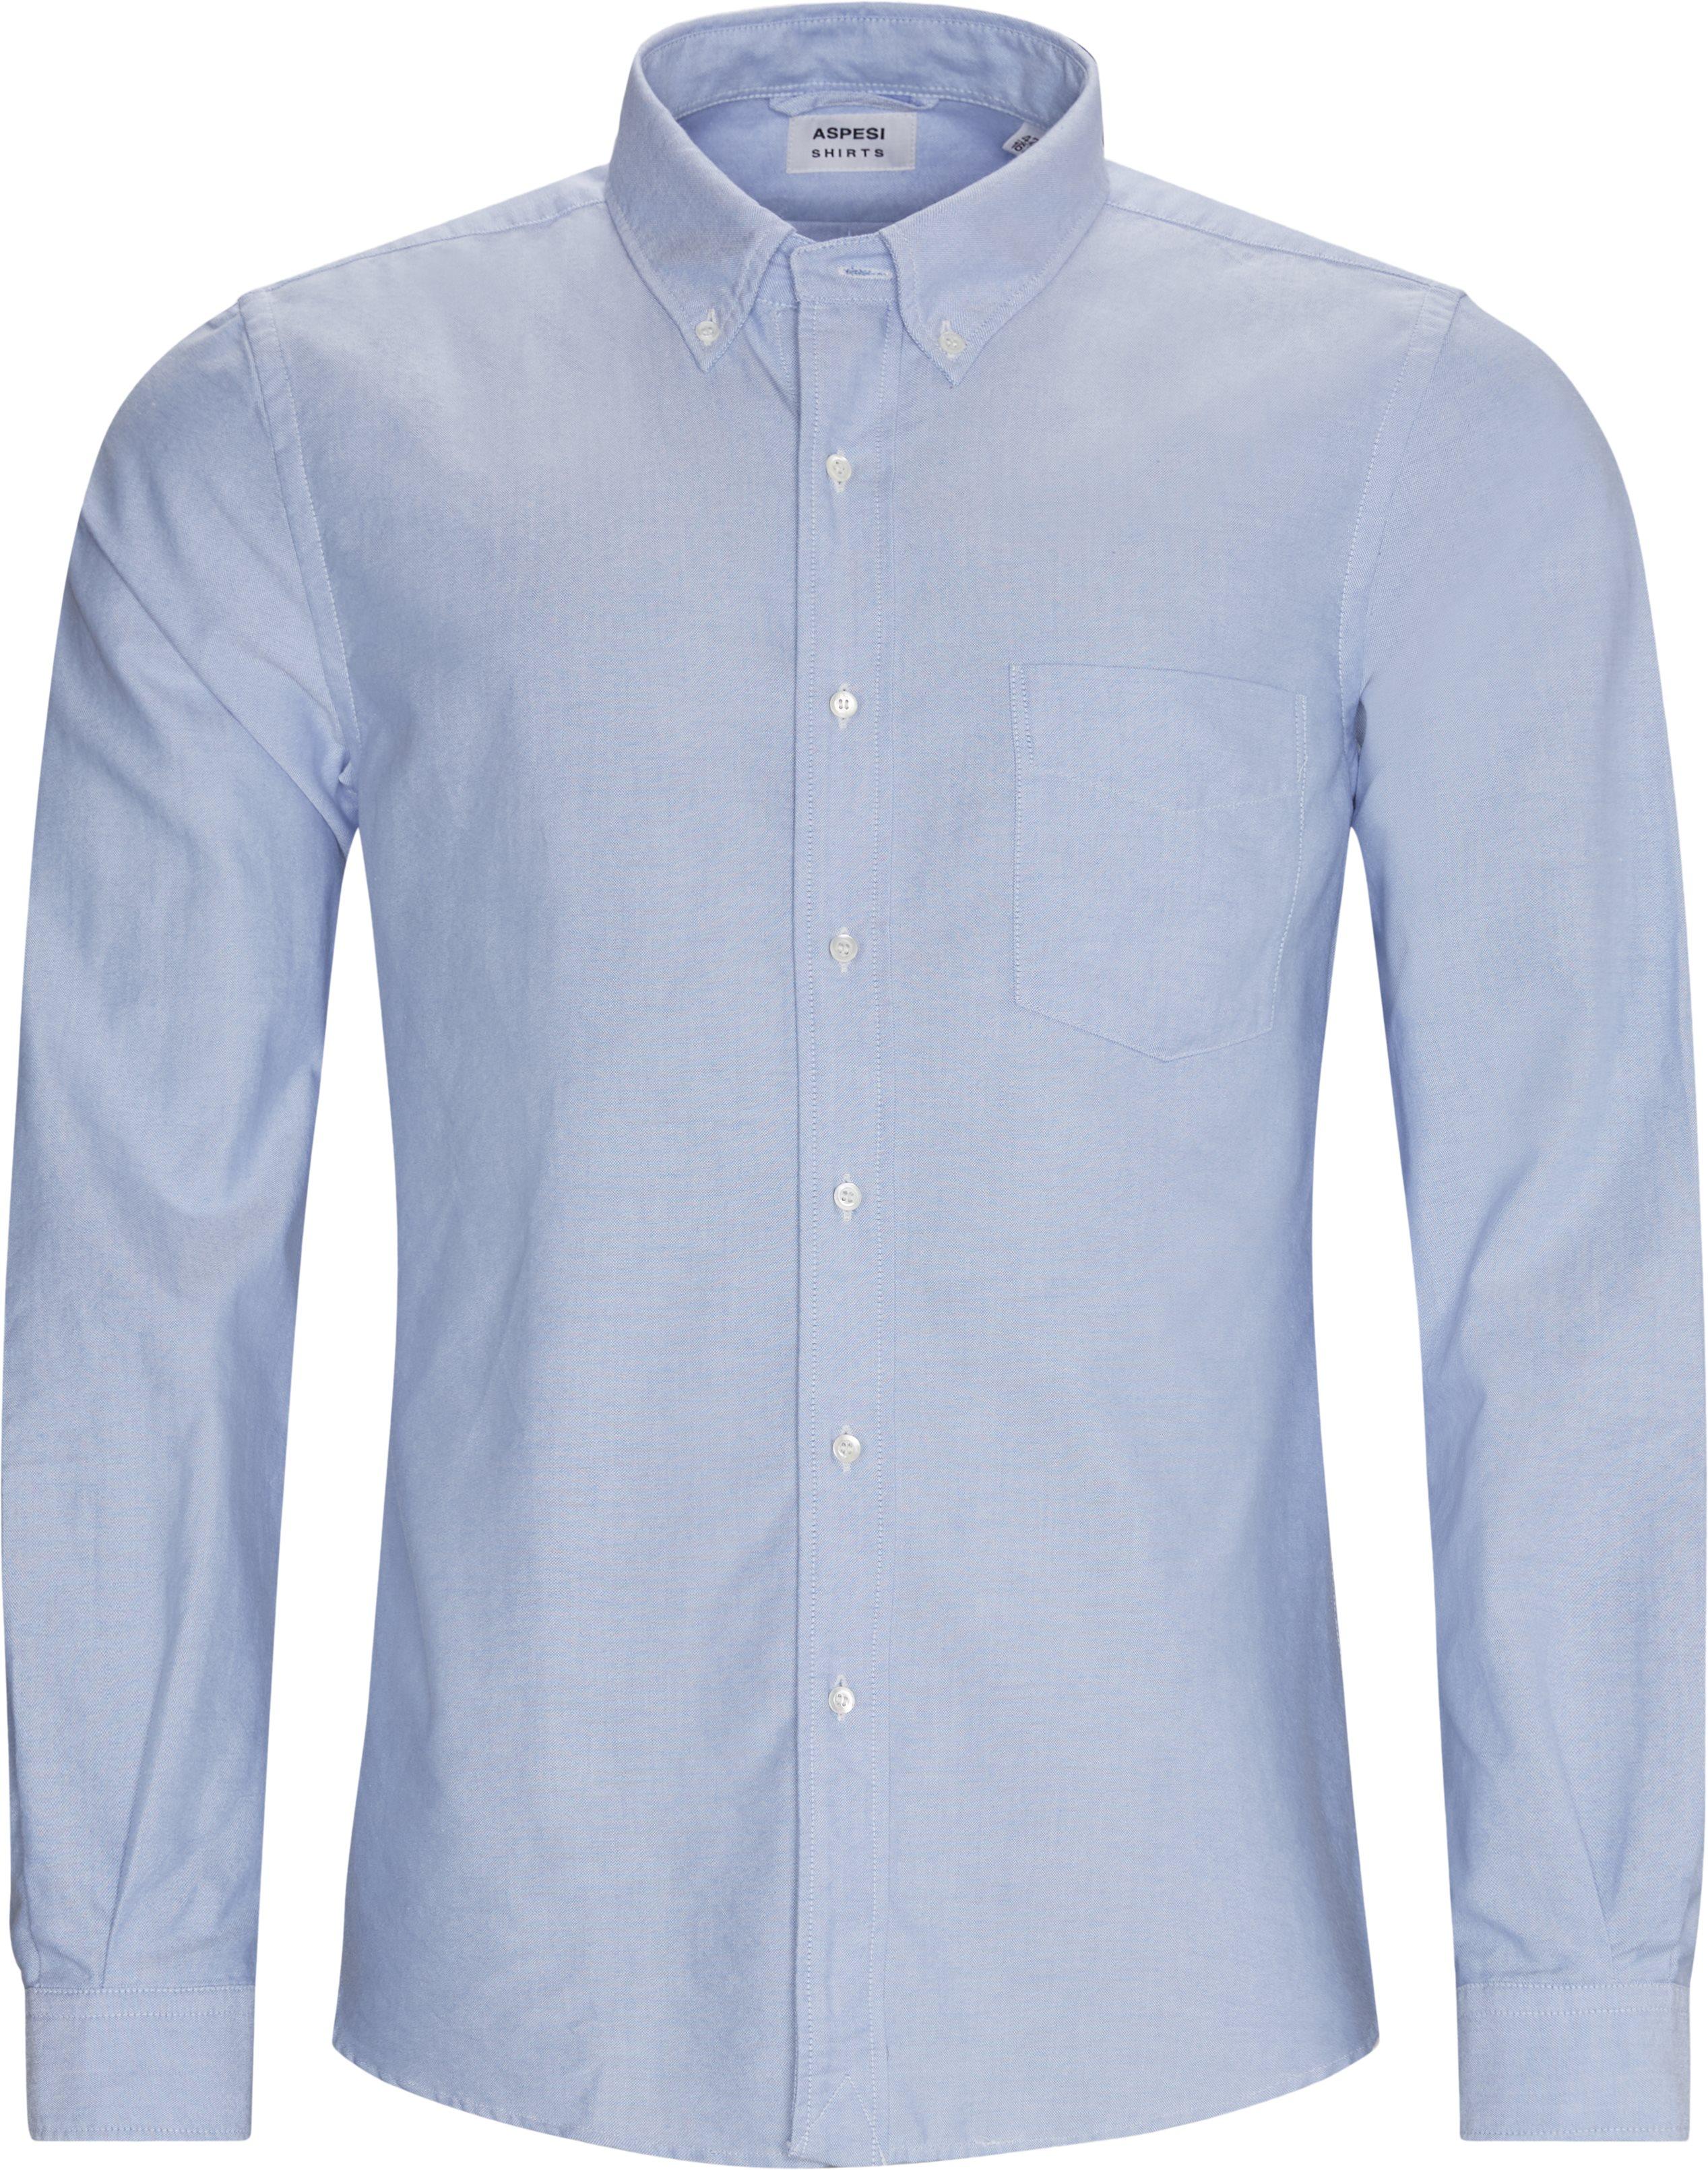 Oxford Skjorte - Skjorter - Regular fit - Blå